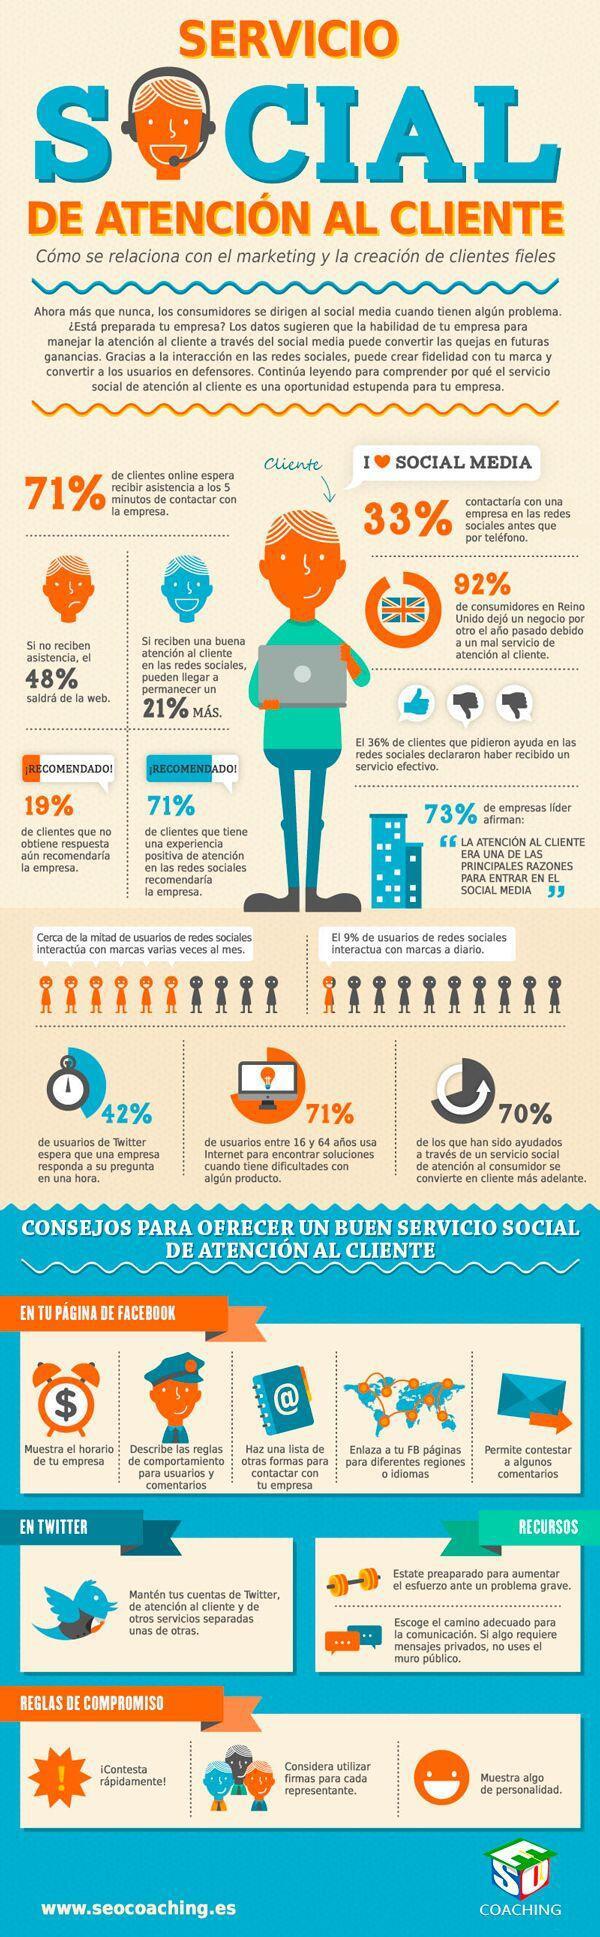 infografia_atencion_al_cliente_en_social_media